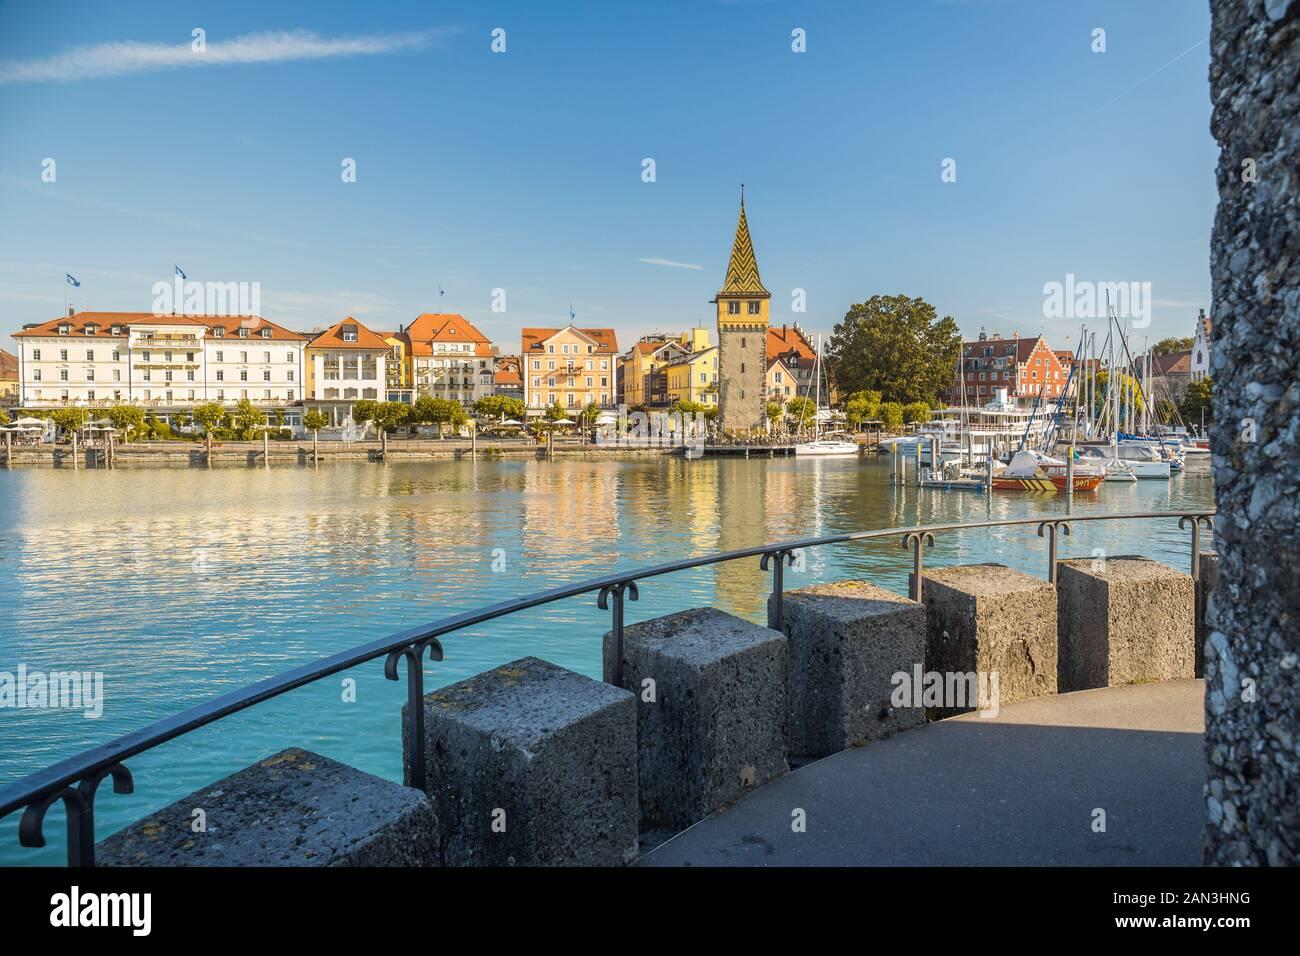 Lindau, Allemagne, Juillet 2019 - Vue sur la marina et le Mangturm tower situé dans le port allemand Lindau. Banque D'Images